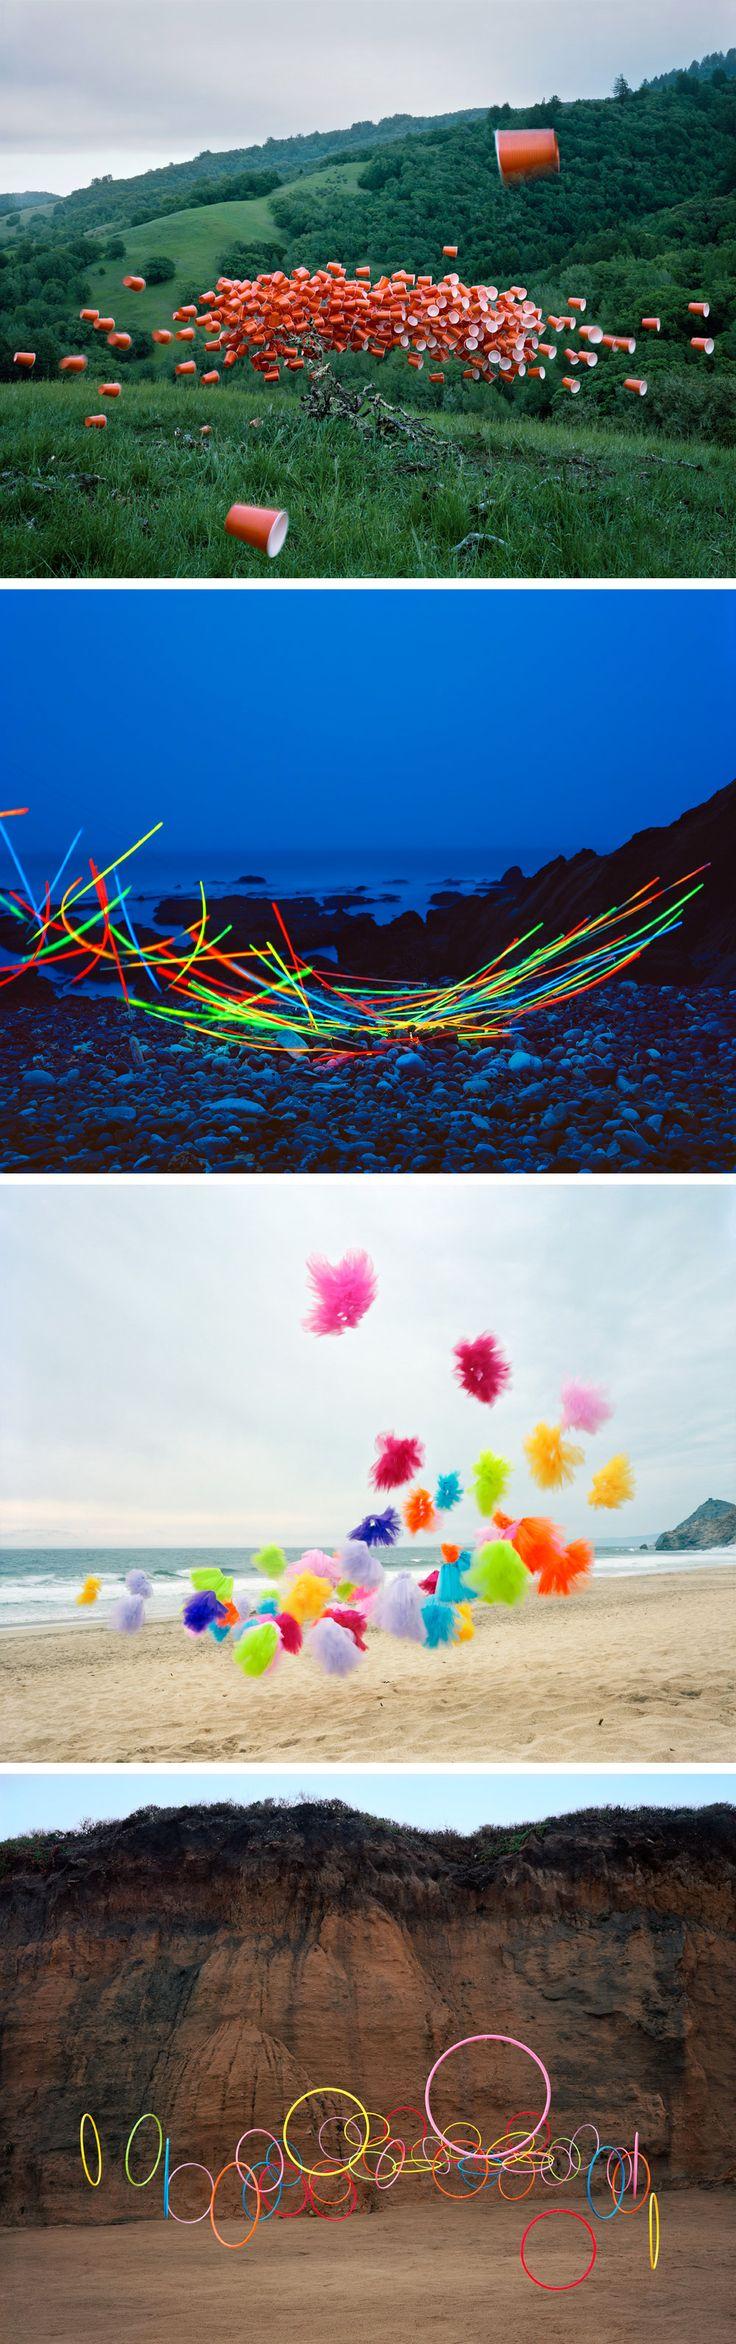 """Artiste : Thomas Jackson, """"Emergent Behavior"""" Série J'aime beaucoup l'idée d'un art libre, en plein air, et coloré."""